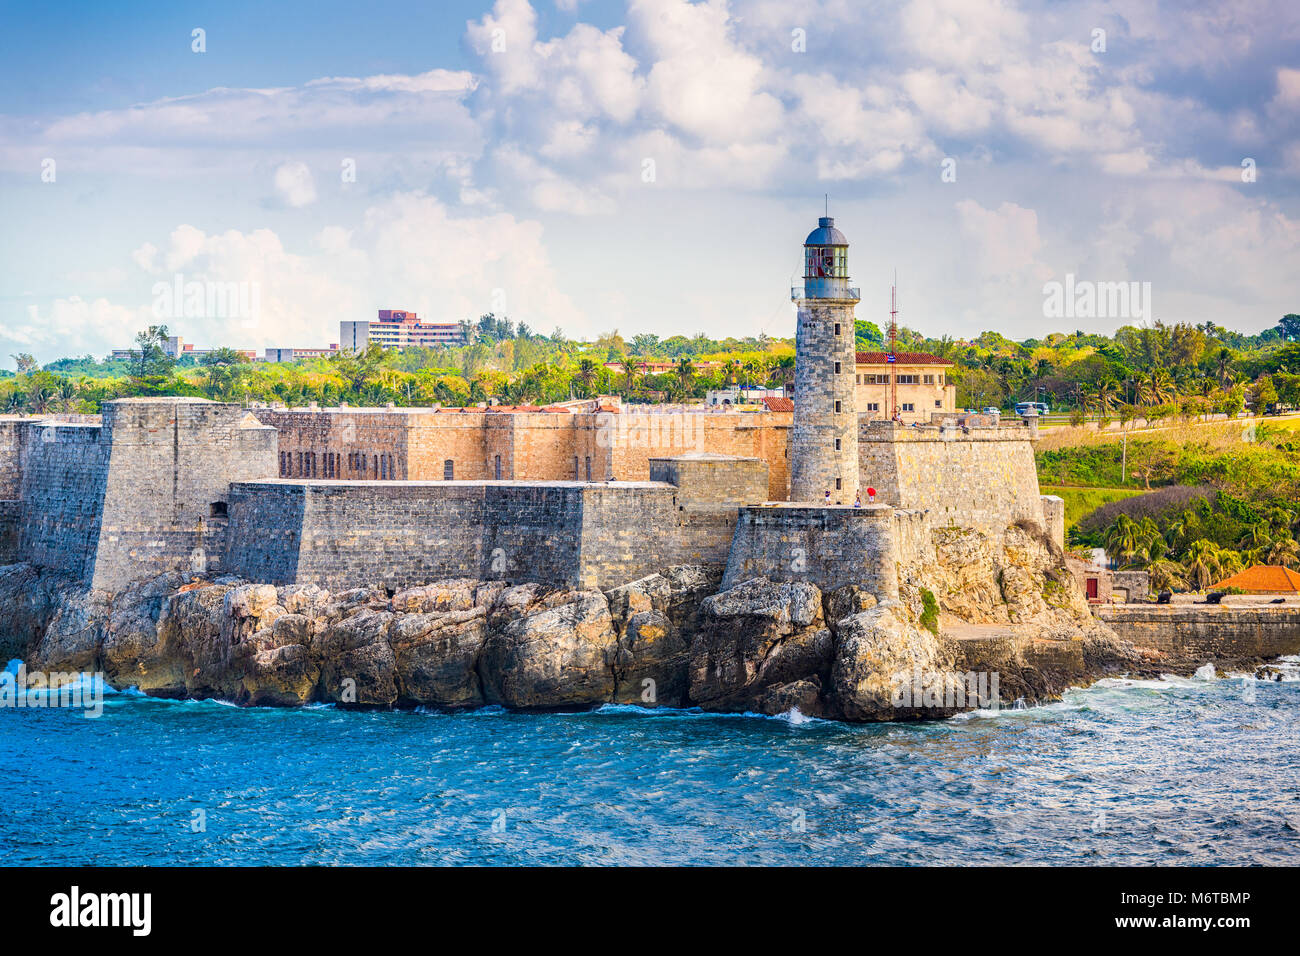 La Habana, Cuba casa ligera de la Cabana Fort. Imagen De Stock